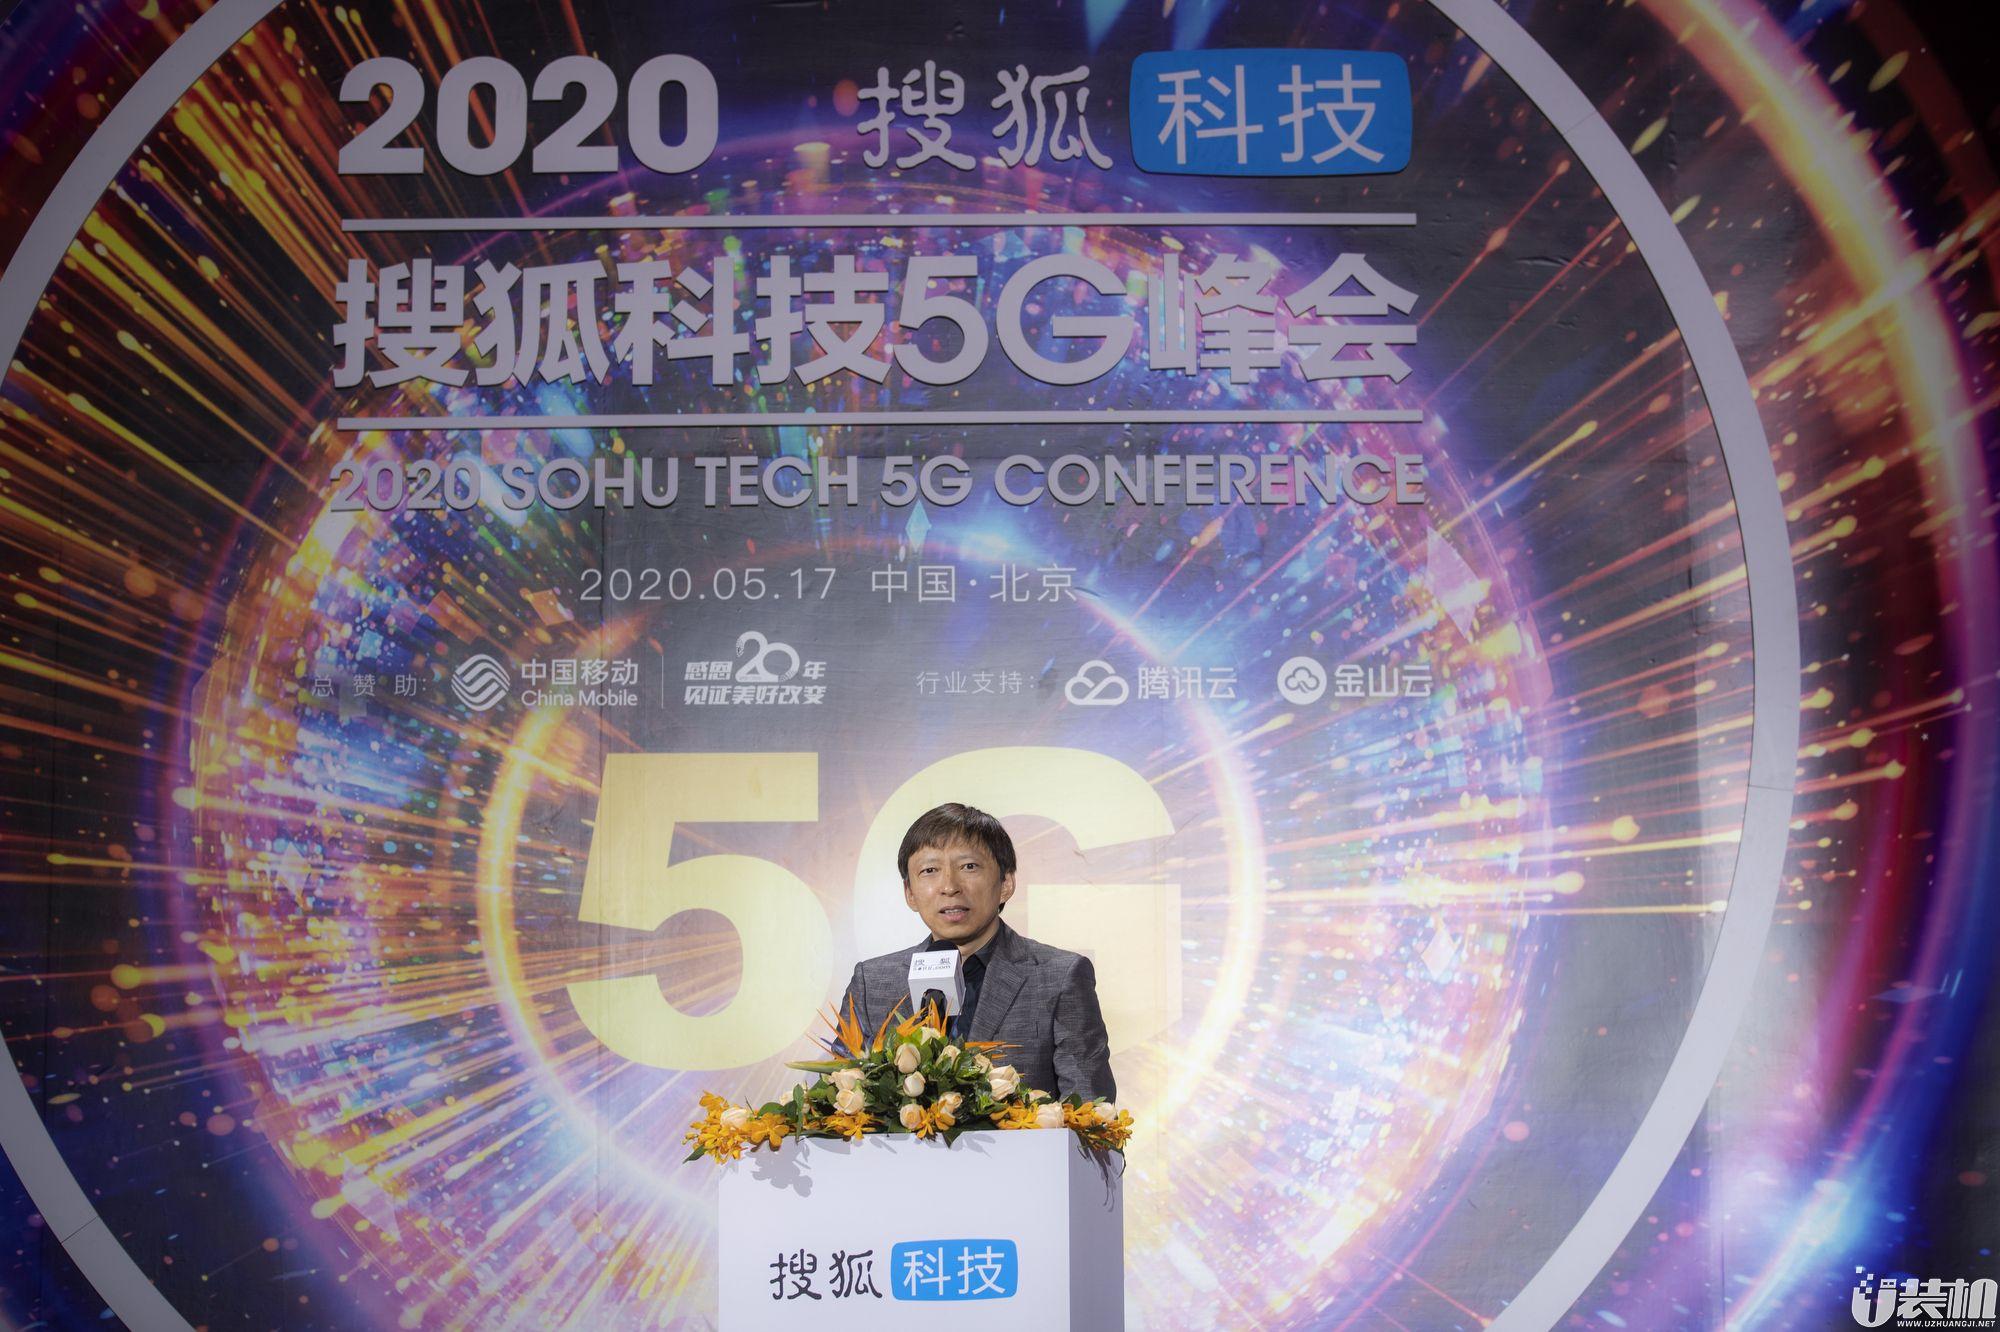 张朝阳:5G带来低延时、覆盖更多的连接及更充分的交流协作